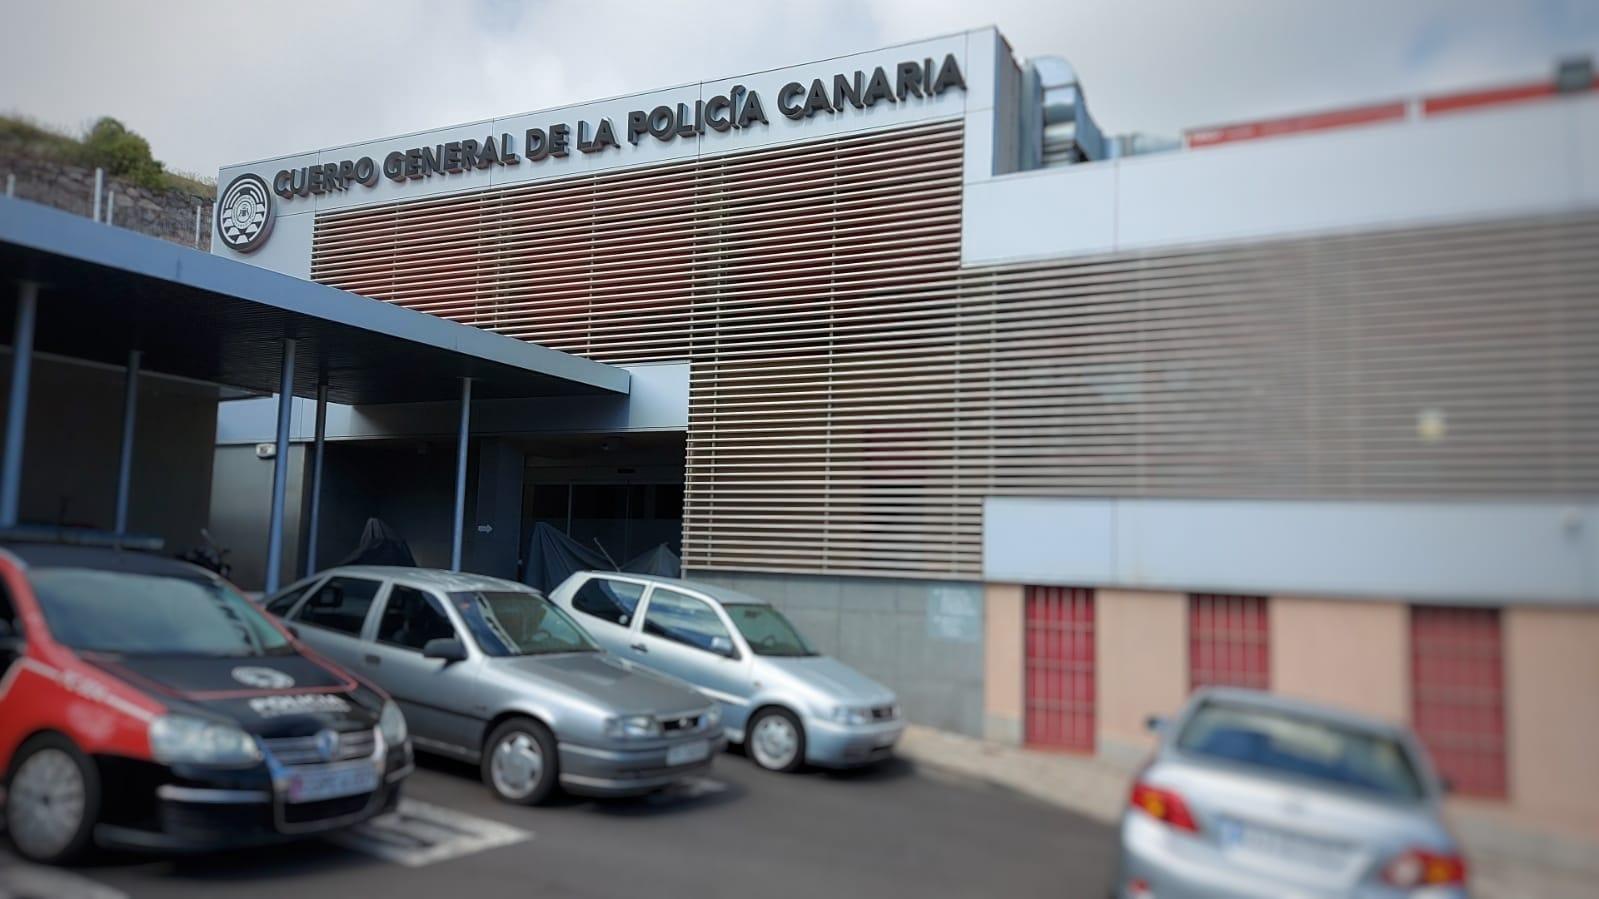 La Policía Canaria actualiza y perfecciona su formación para la atención y actuación con personas migrantes